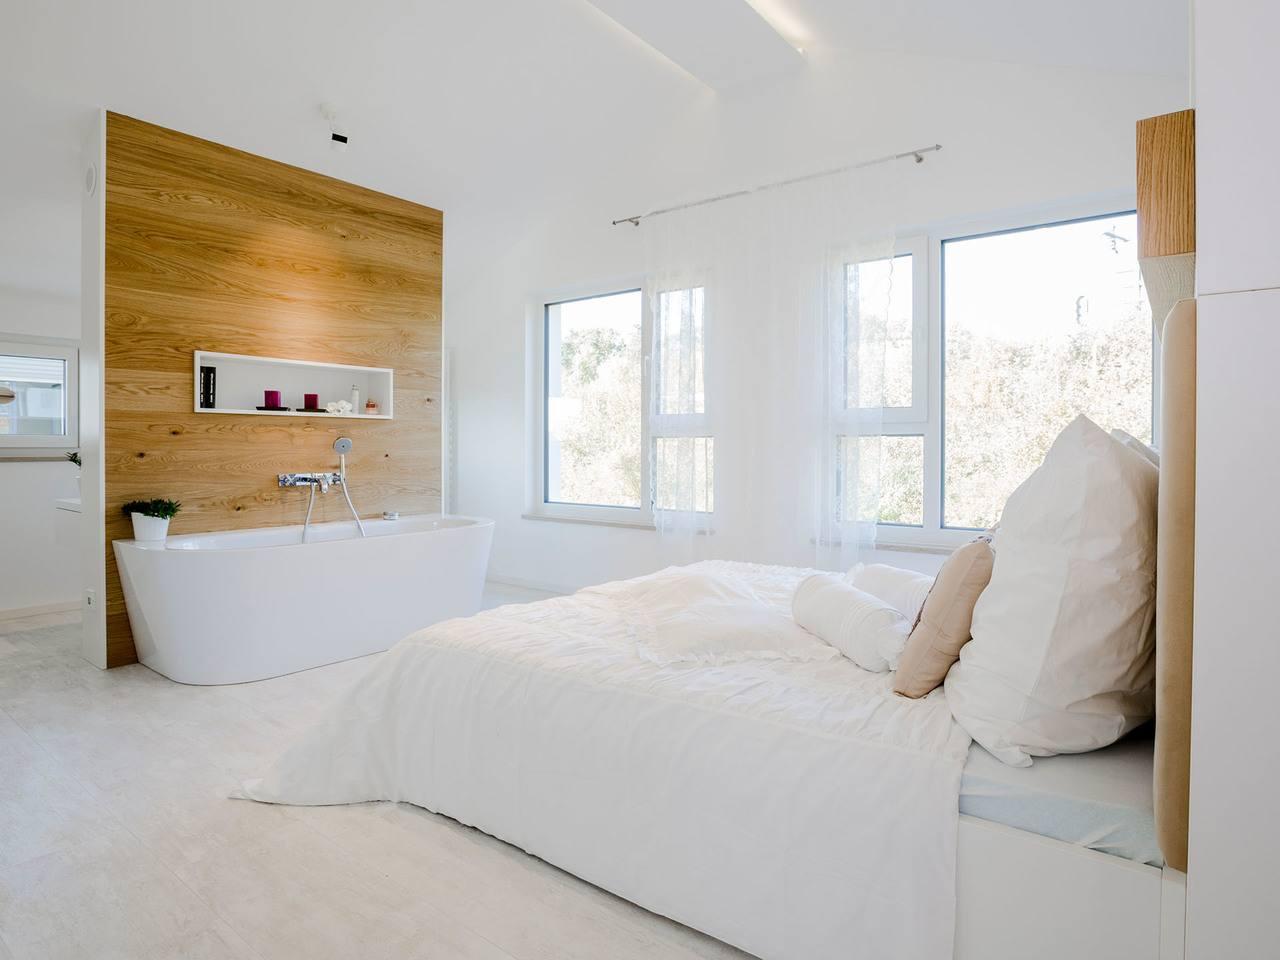 Schlafzimmer Ansicht 2 - inkl. Badewanne